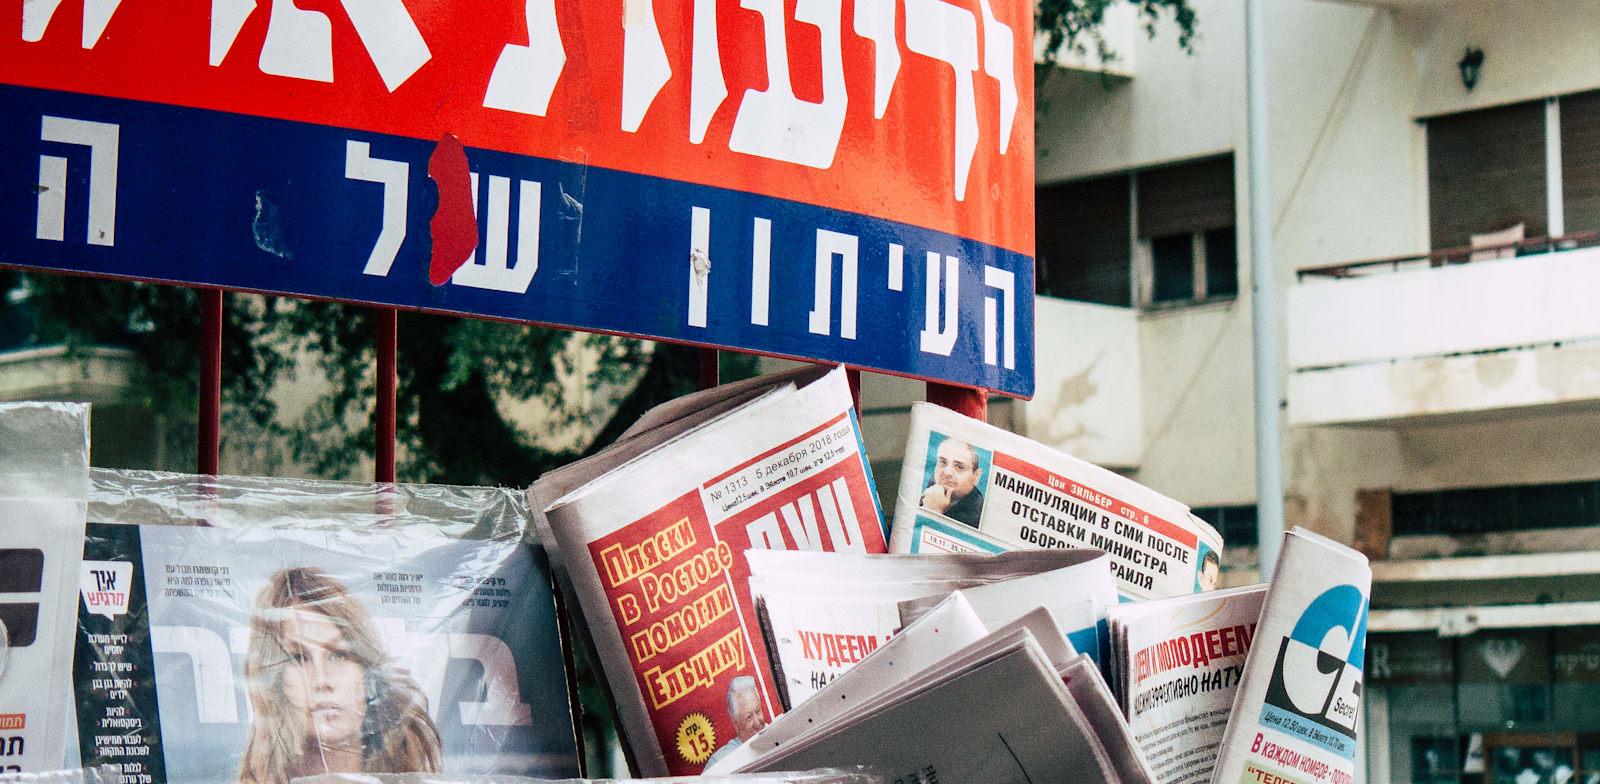 """דוכן עיתונים של """"ידיעות אחרונות"""" בתל אביב / צילום: Shutterstock, Jose HERNANDEZ Camera 51"""